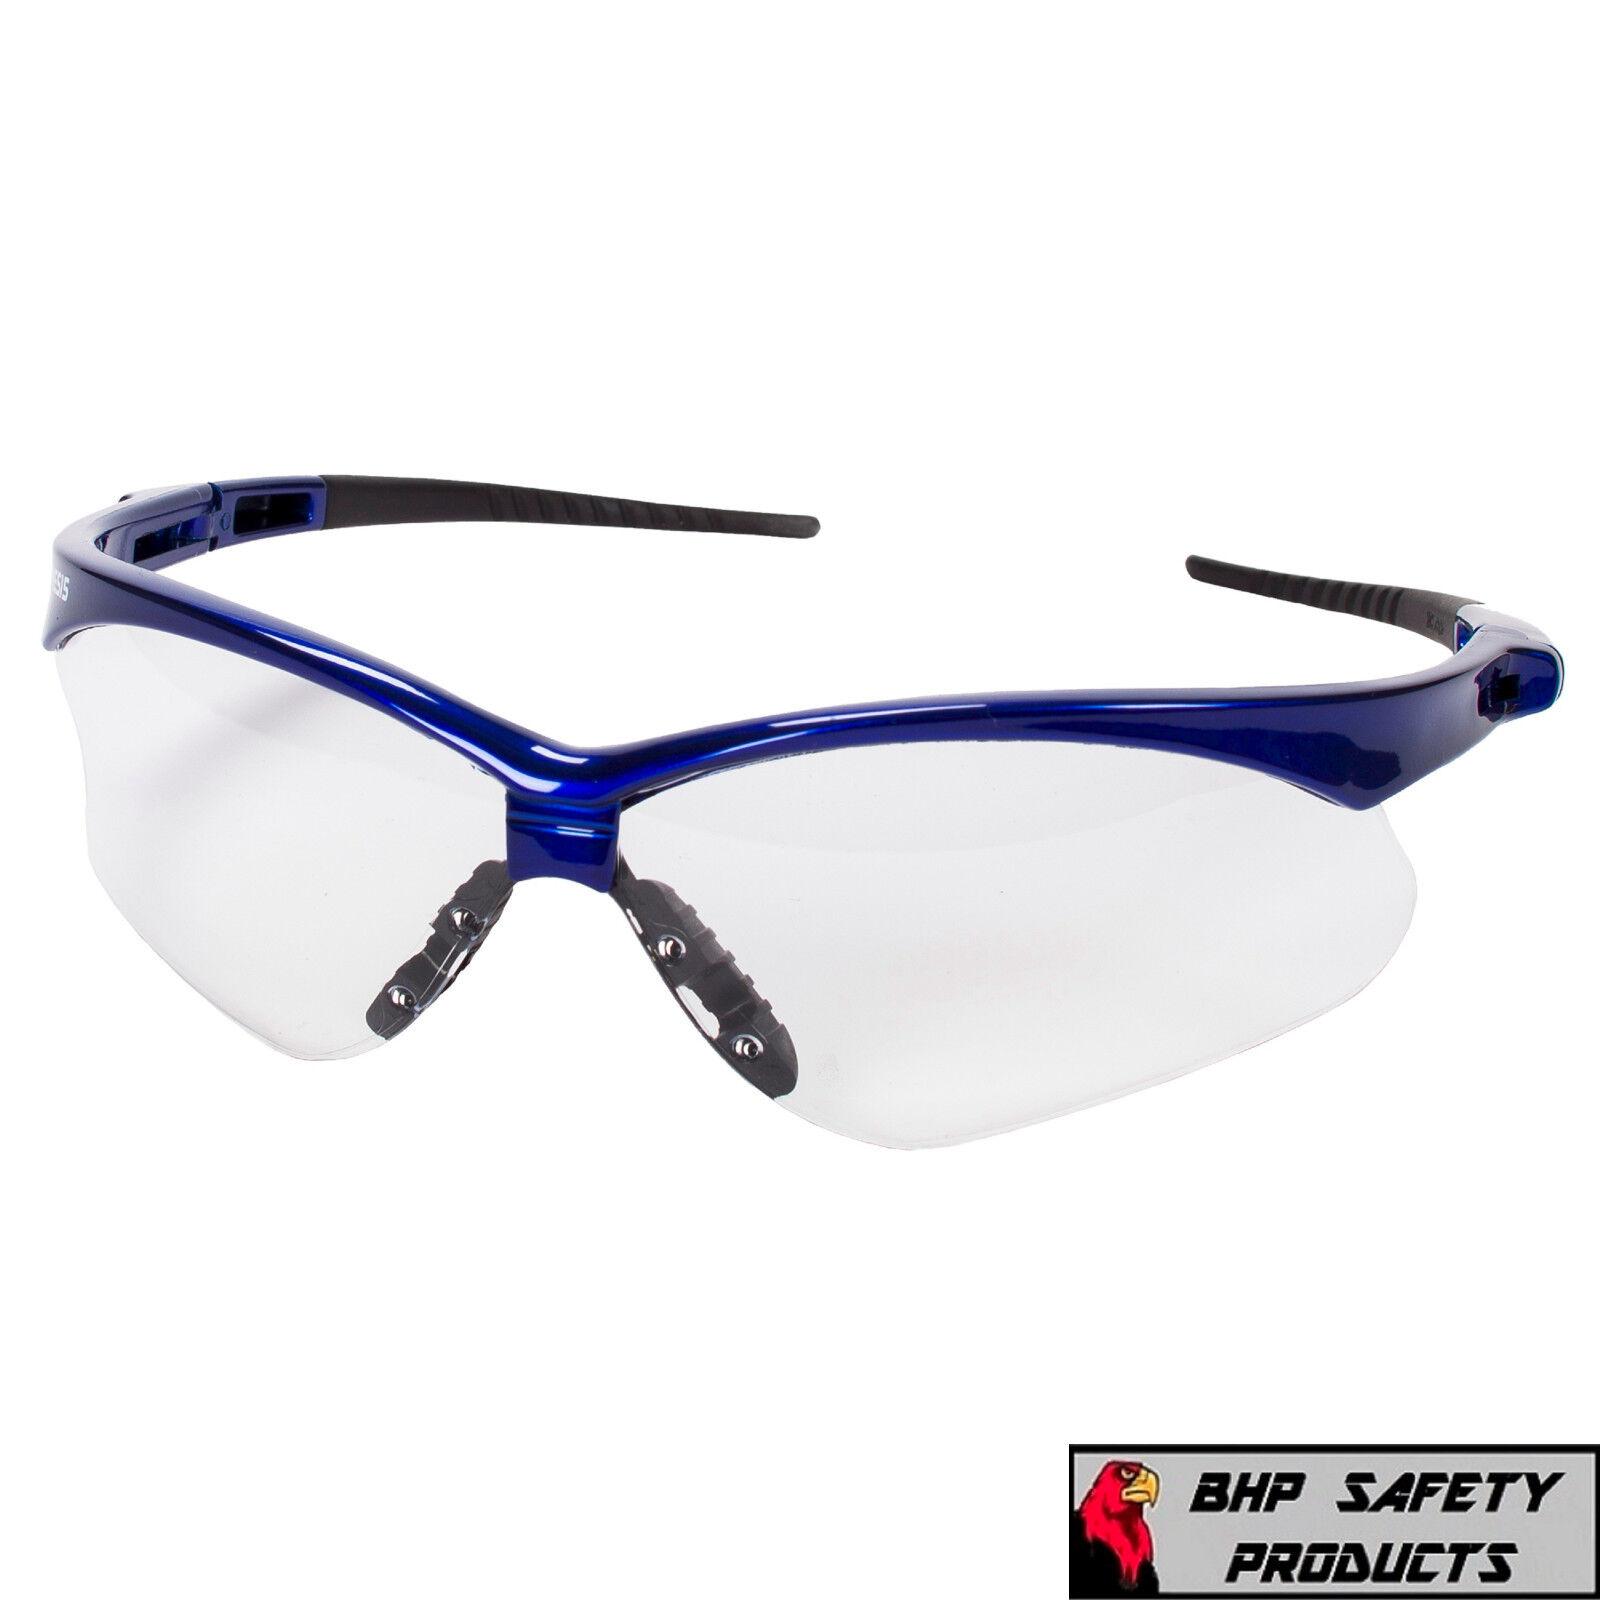 JACKSON NEMESIS SAFETY GLASSES SUNGLASSES SPORT WORK EYEWEAR - VARIETY PACKS 47384- Blue Frame/Clear AF Lens